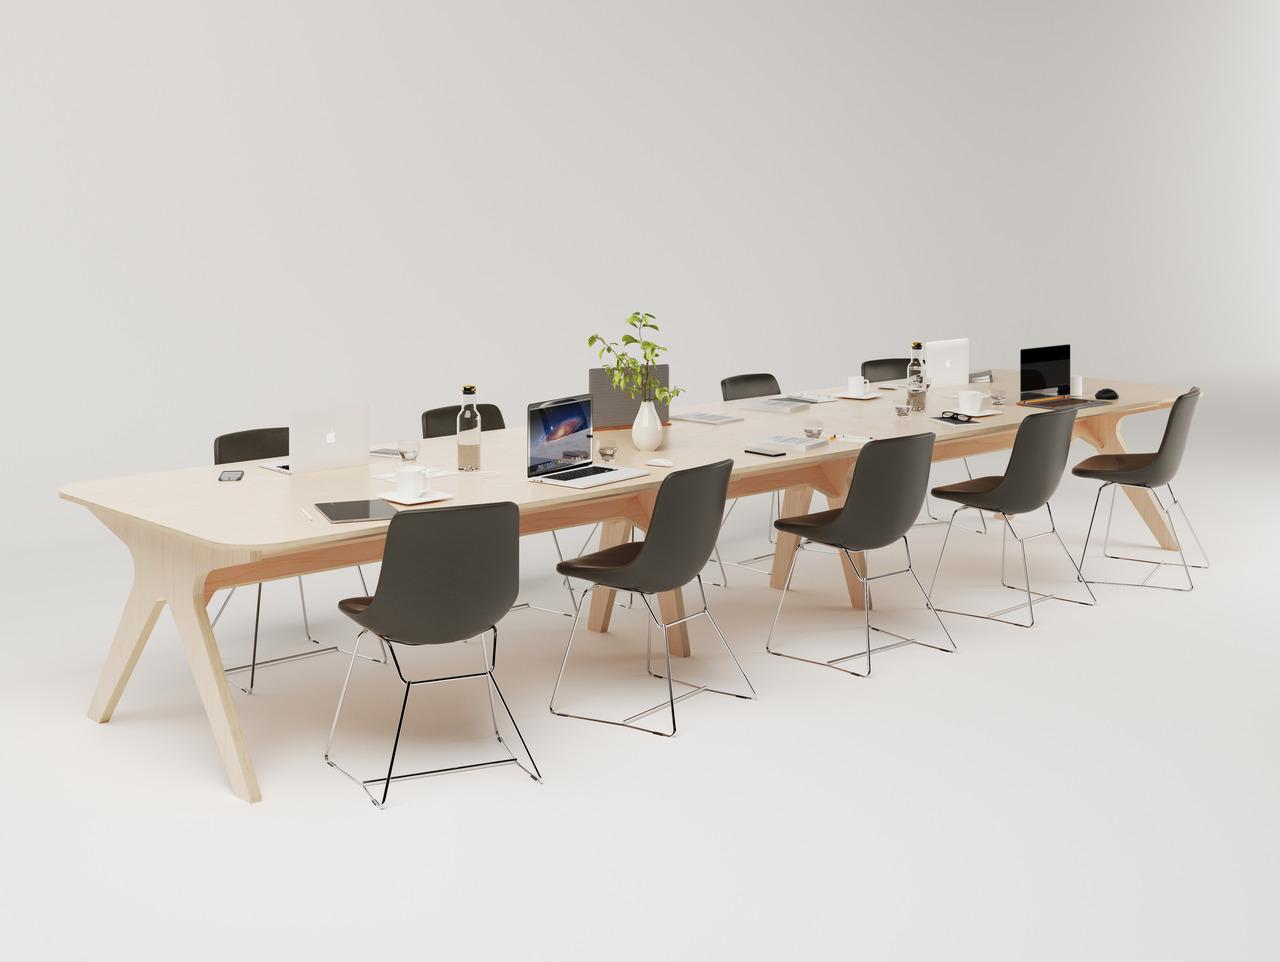 Table de réunion en bois pour conférence de 10 personnes